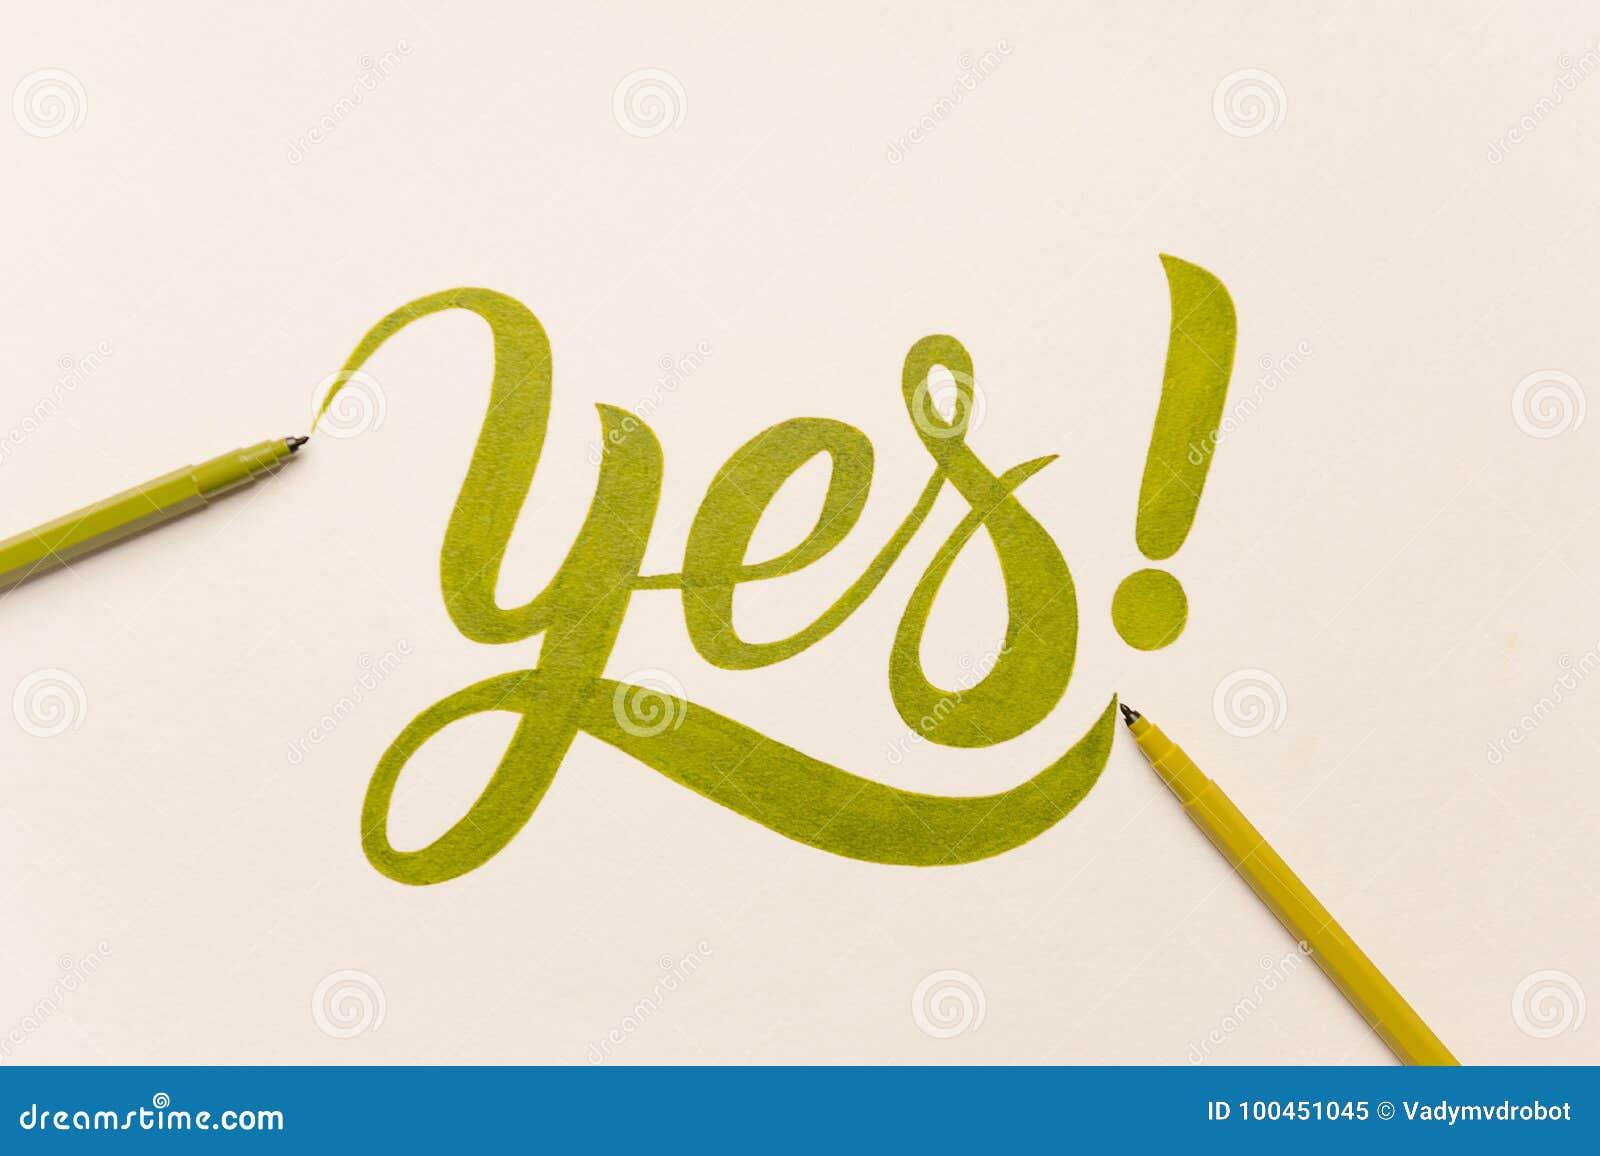 Goedkeurings motievenuitdrukking met de hand geschreven met groene teller